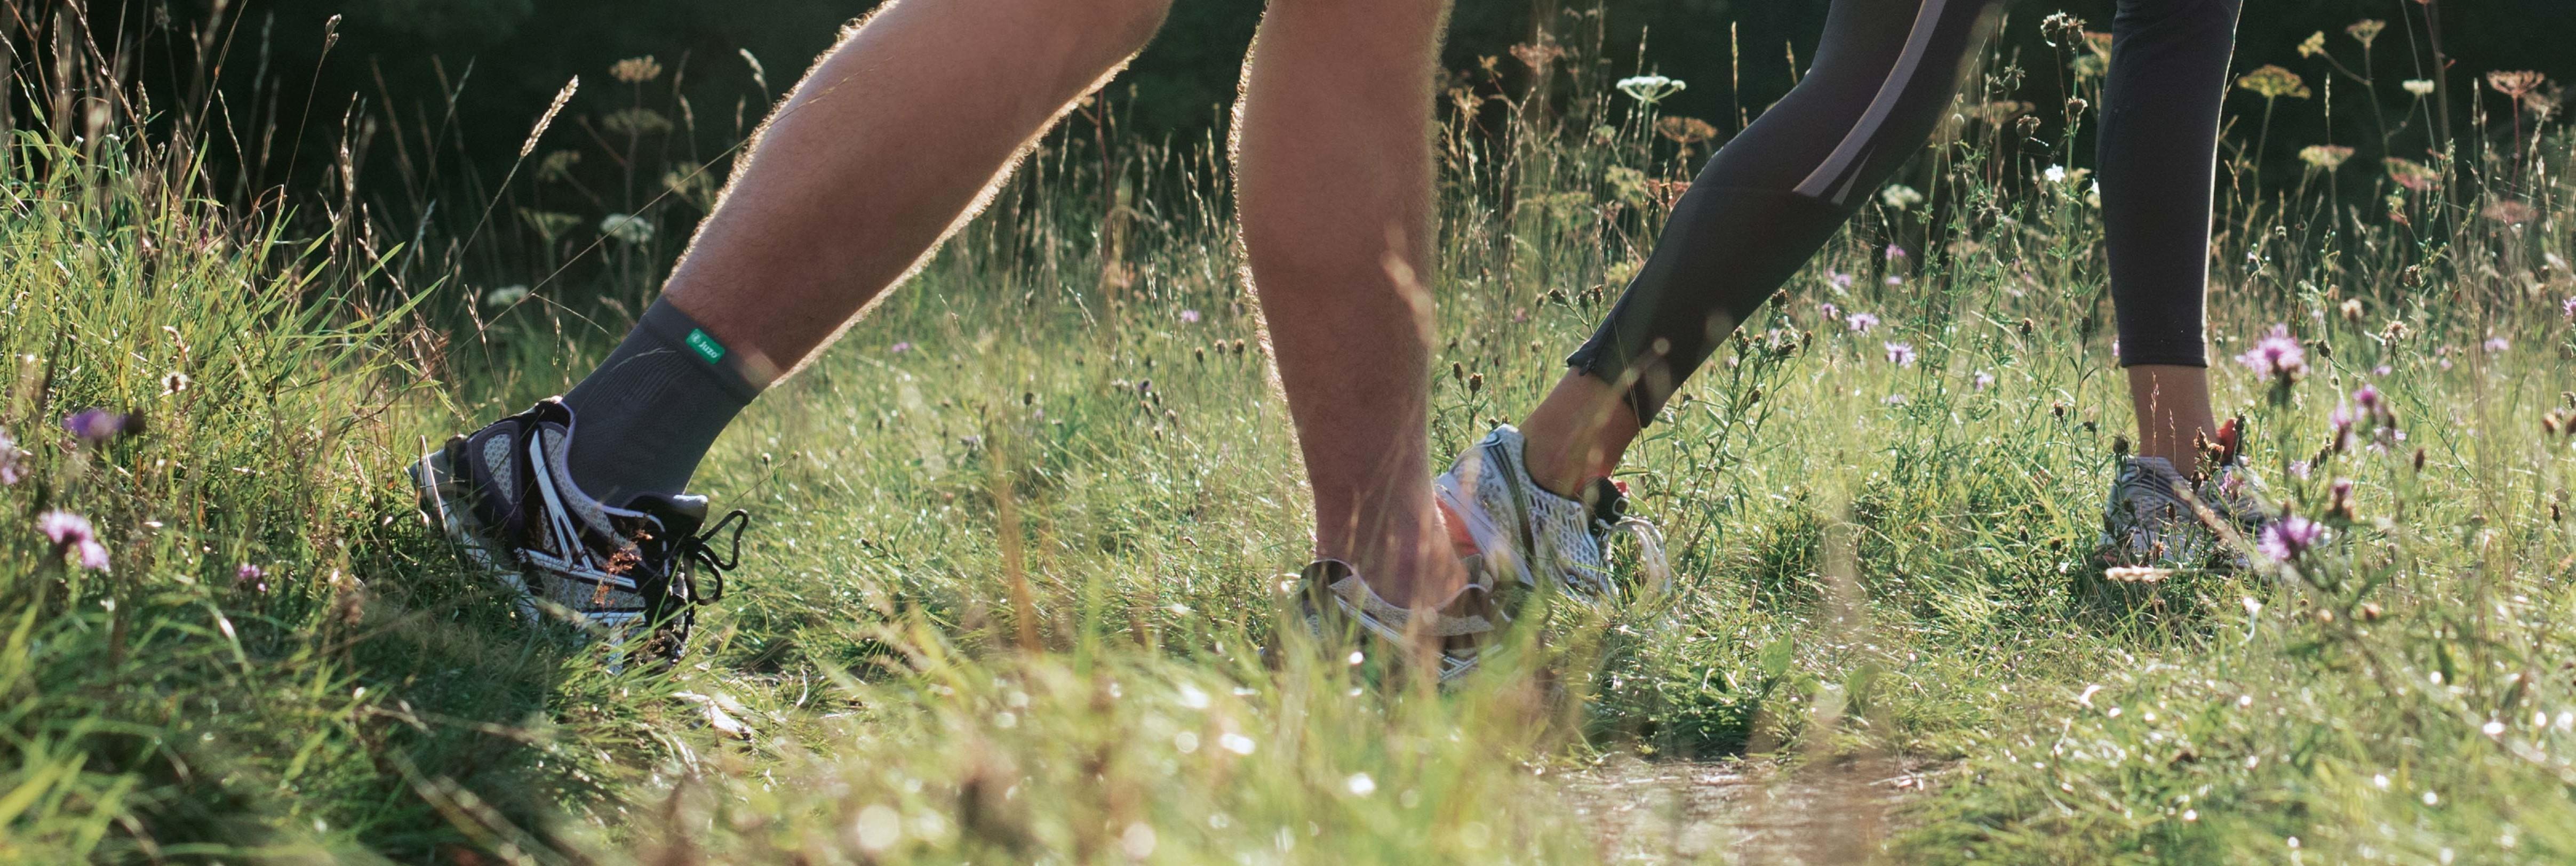 Homme effectuant de la course à pied dans un pré